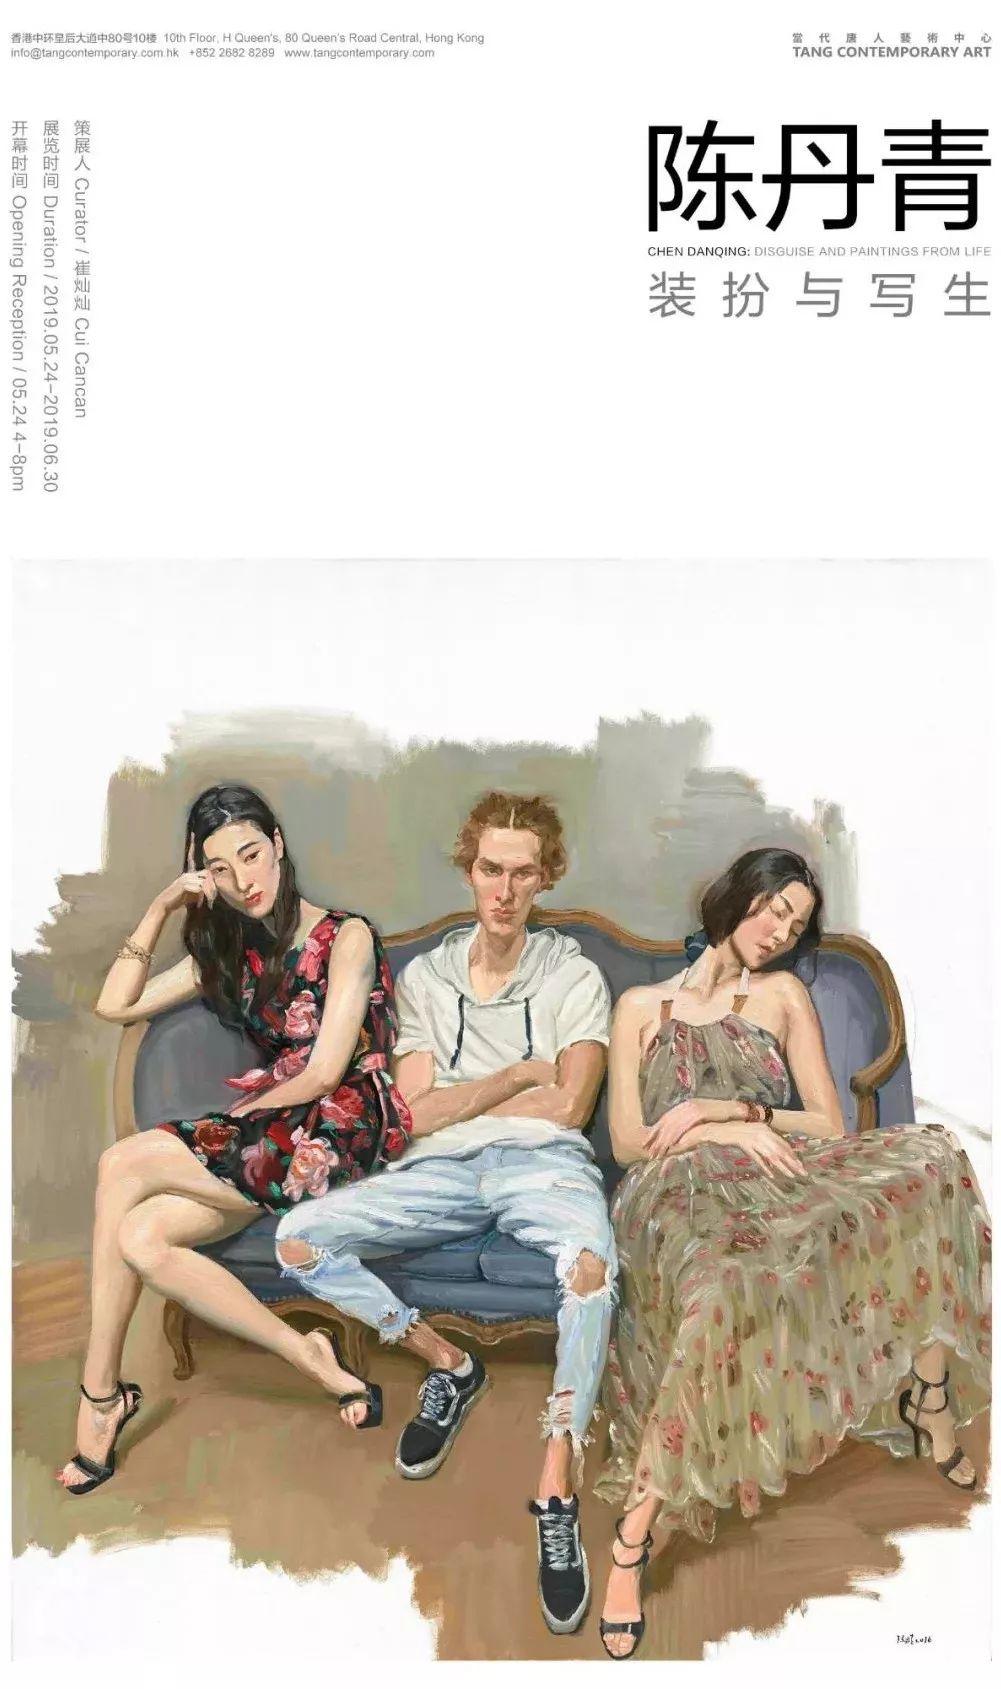 陈丹青:一个画家不会写生是非常危险的插图1